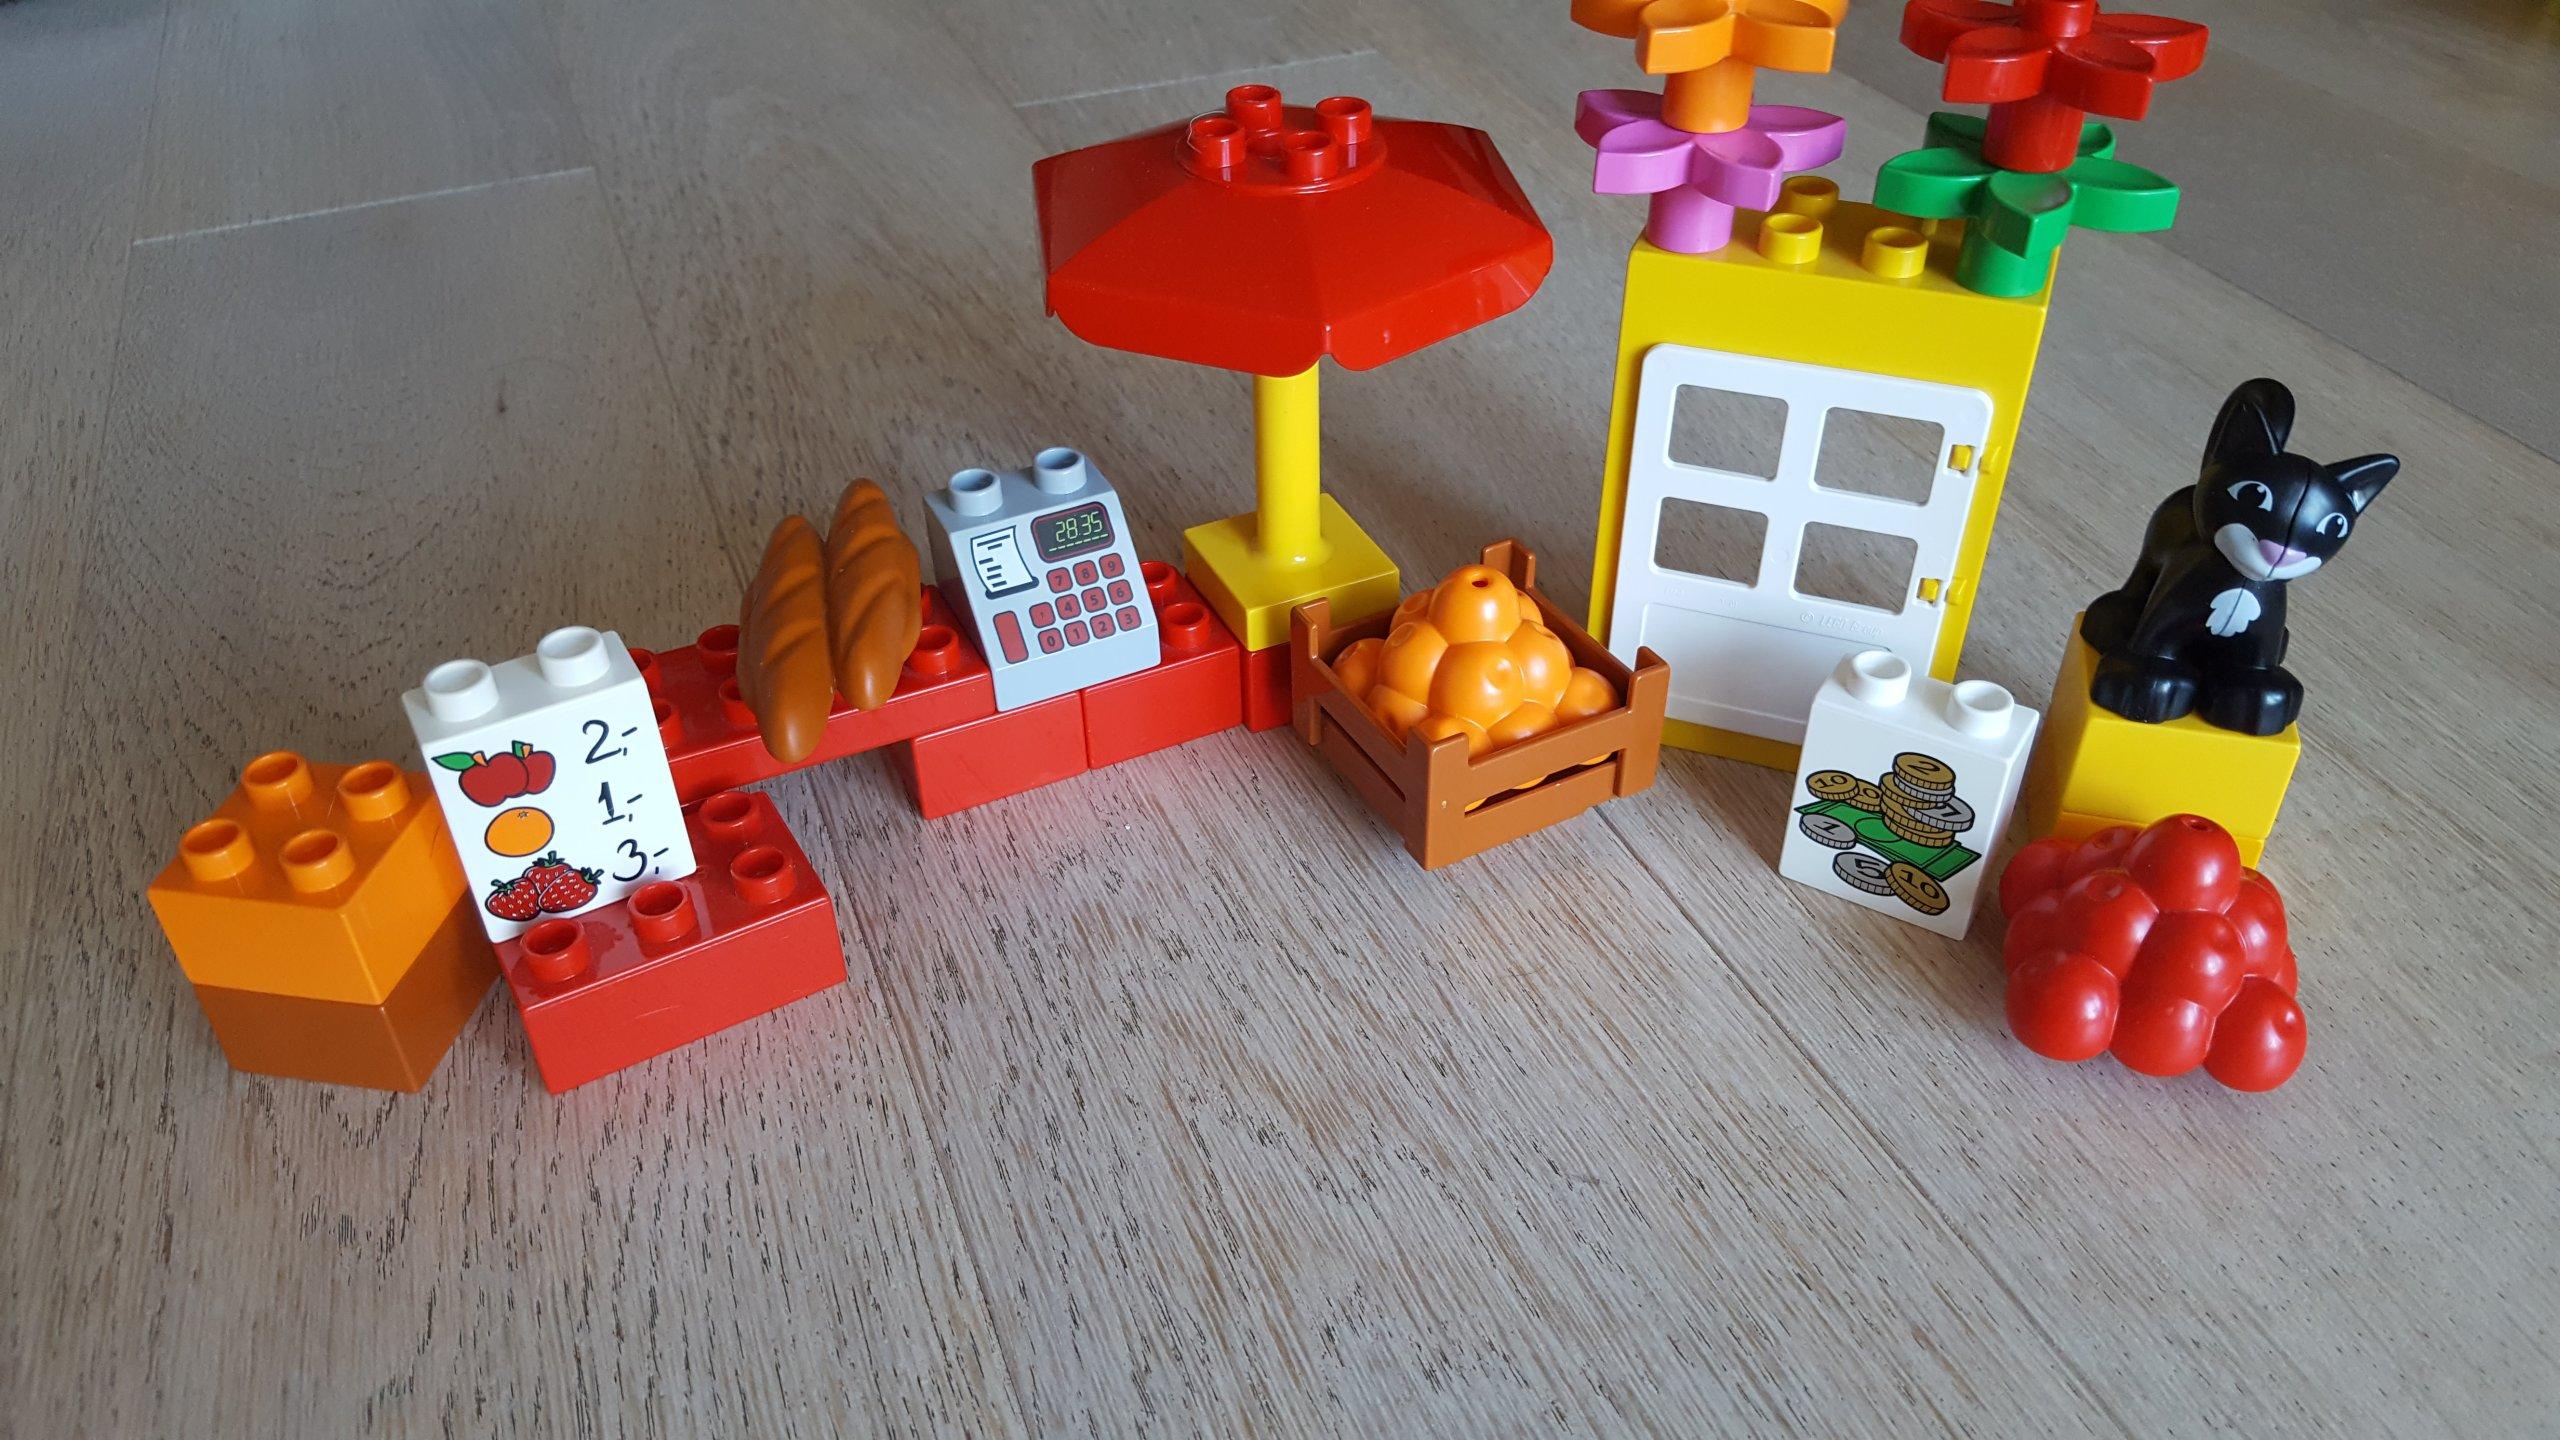 Lego Duplo Zestaw Klocków 7336204283 Oficjalne Archiwum Allegro